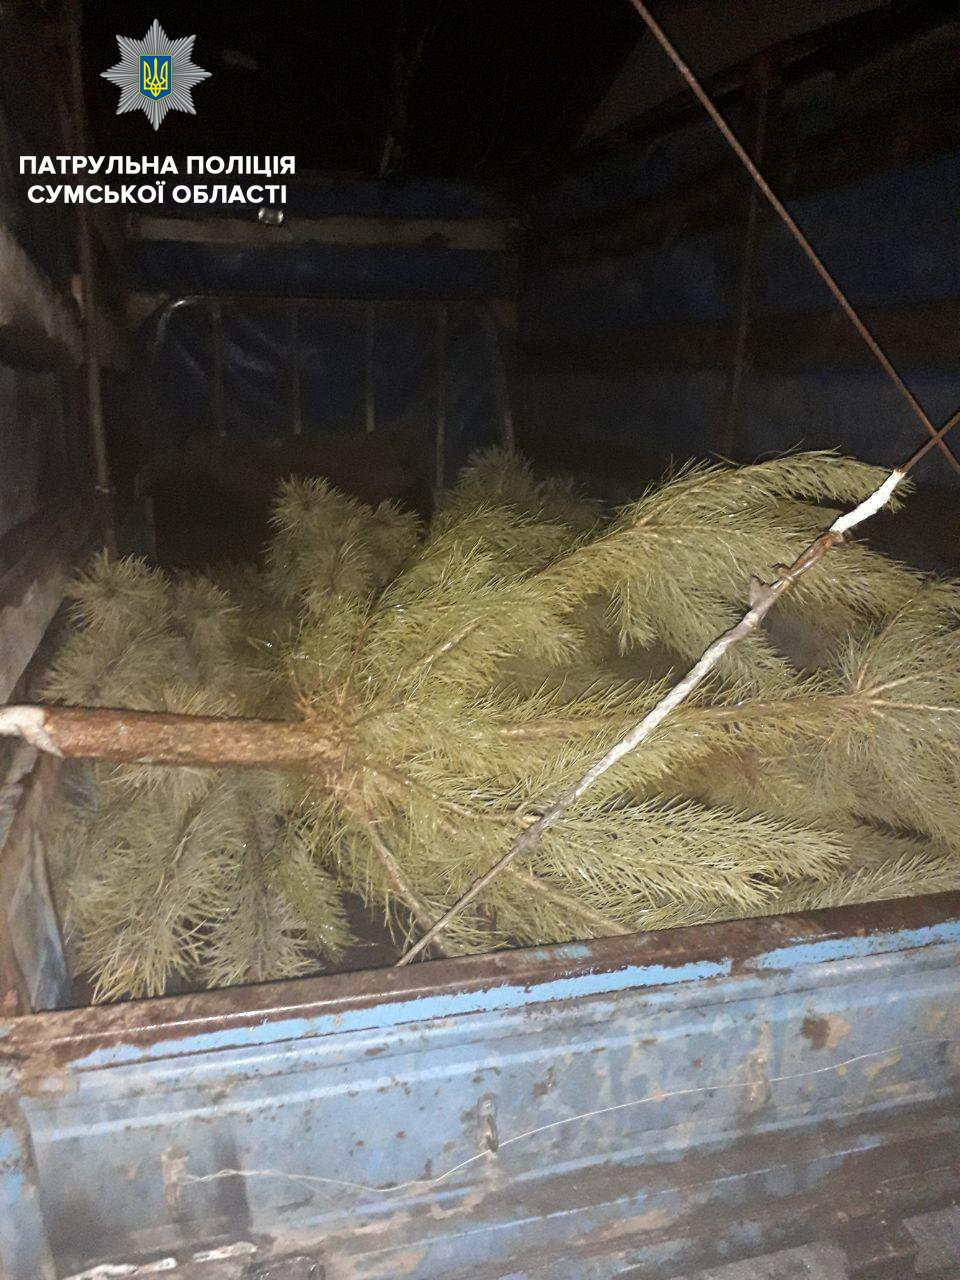 За неделю в Сумах выявили три автомобиля с незаконными новогодними деревьями, фото-2